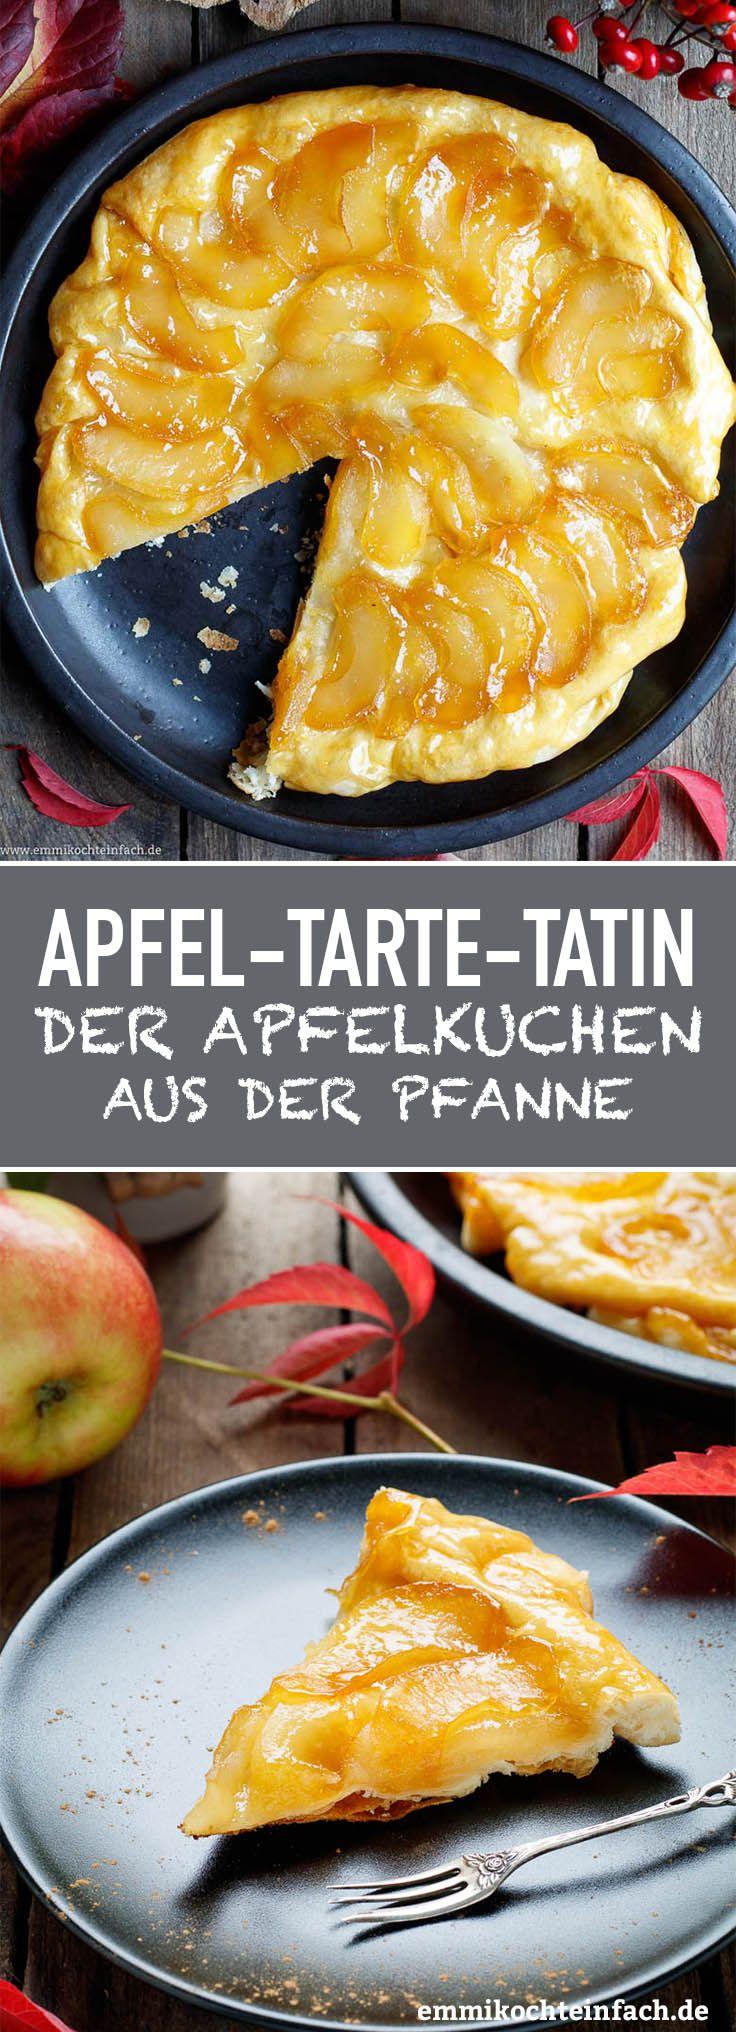 Apfel Tarte Tatin - Ein Kuchen-Dessert aus der Pfanne - emmikochteinfach